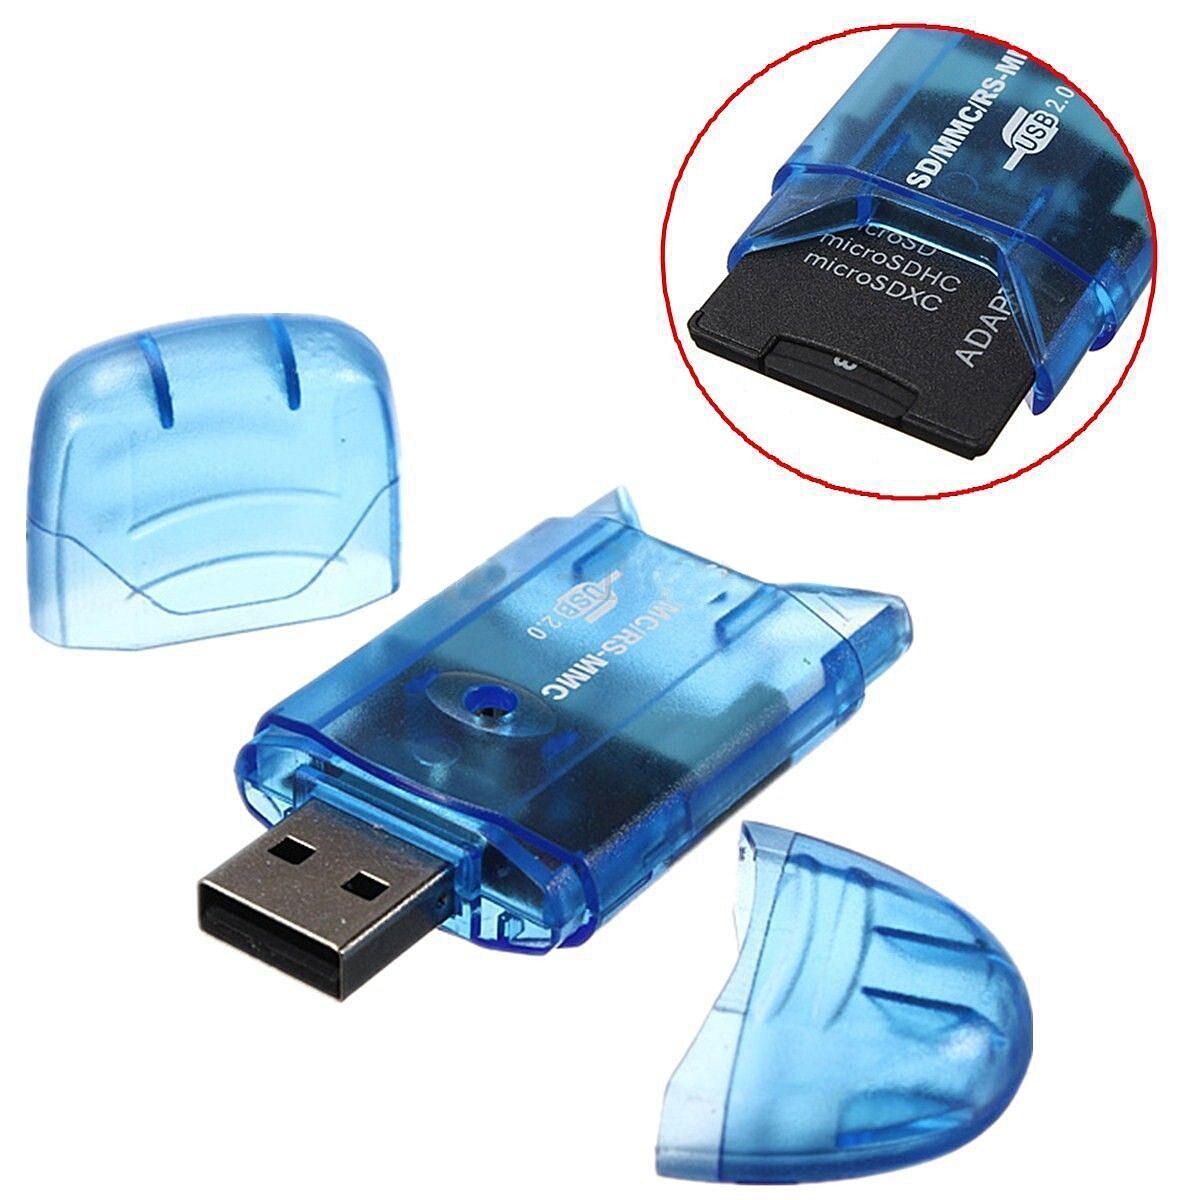 Mini Blue USB Card Reader Portable Office Data Reader Readers For Student Teacher Data Office